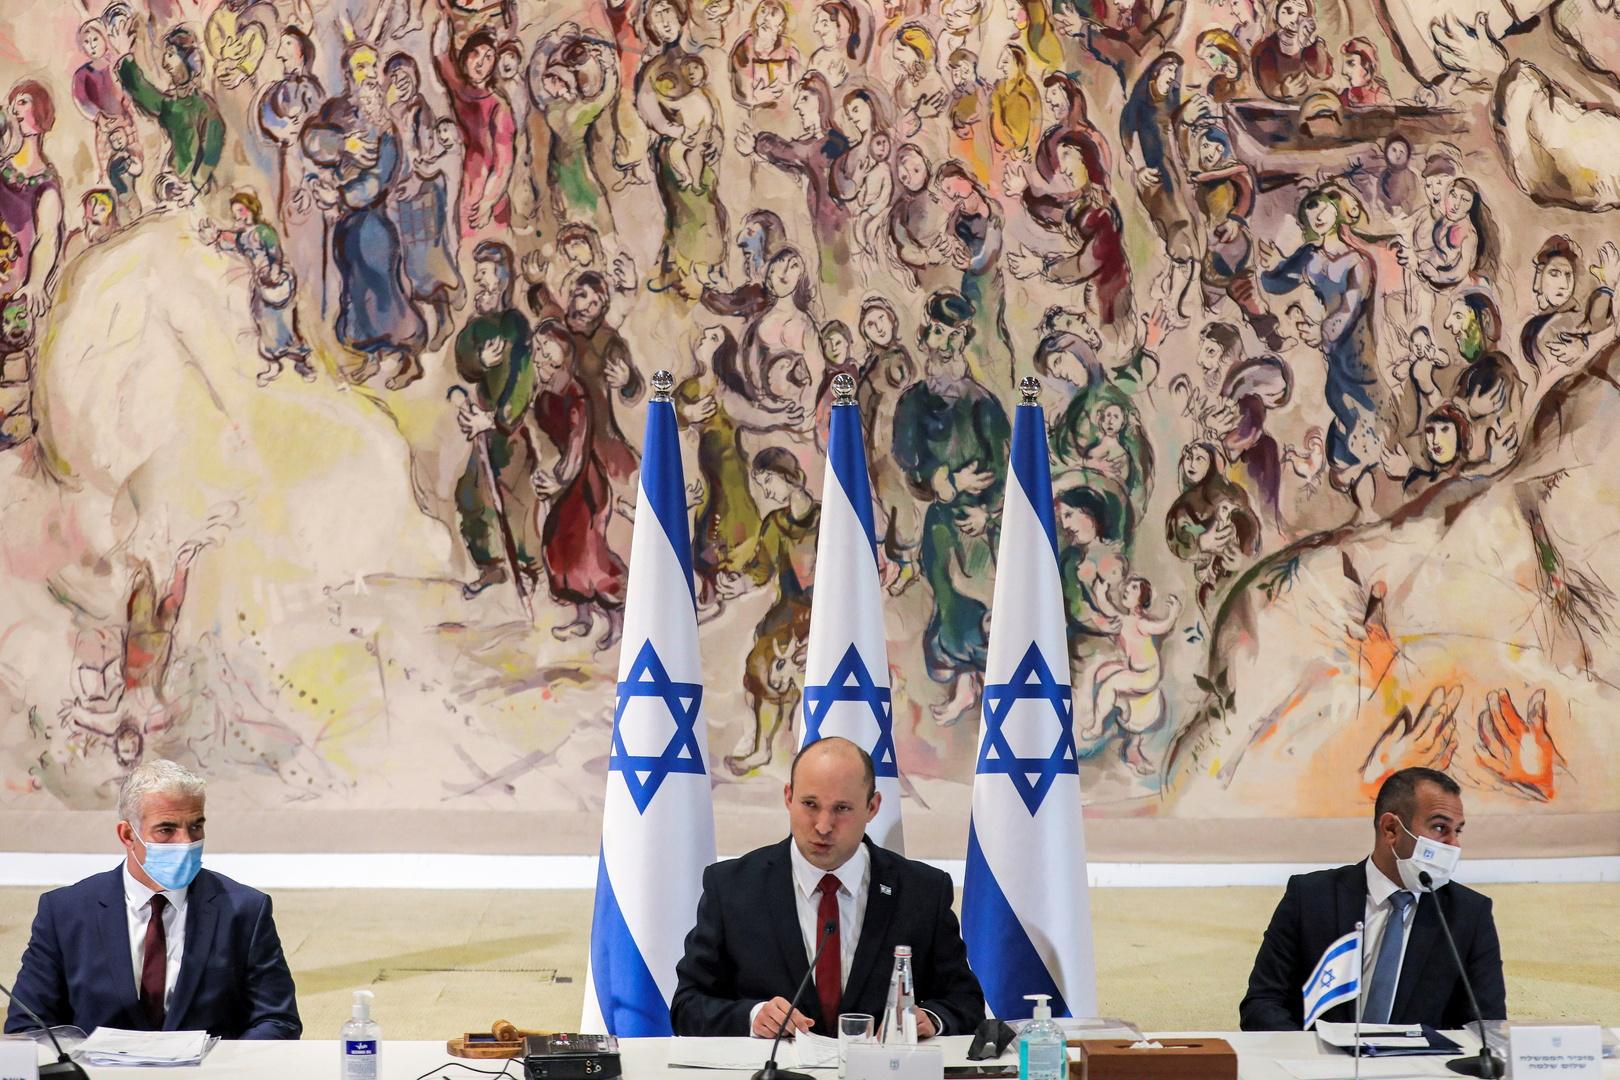 الكنيست الإسرائيلي يحي ذكرى إسحاق رابين ولابيد يتهم أعضاء اليمين بأنهم